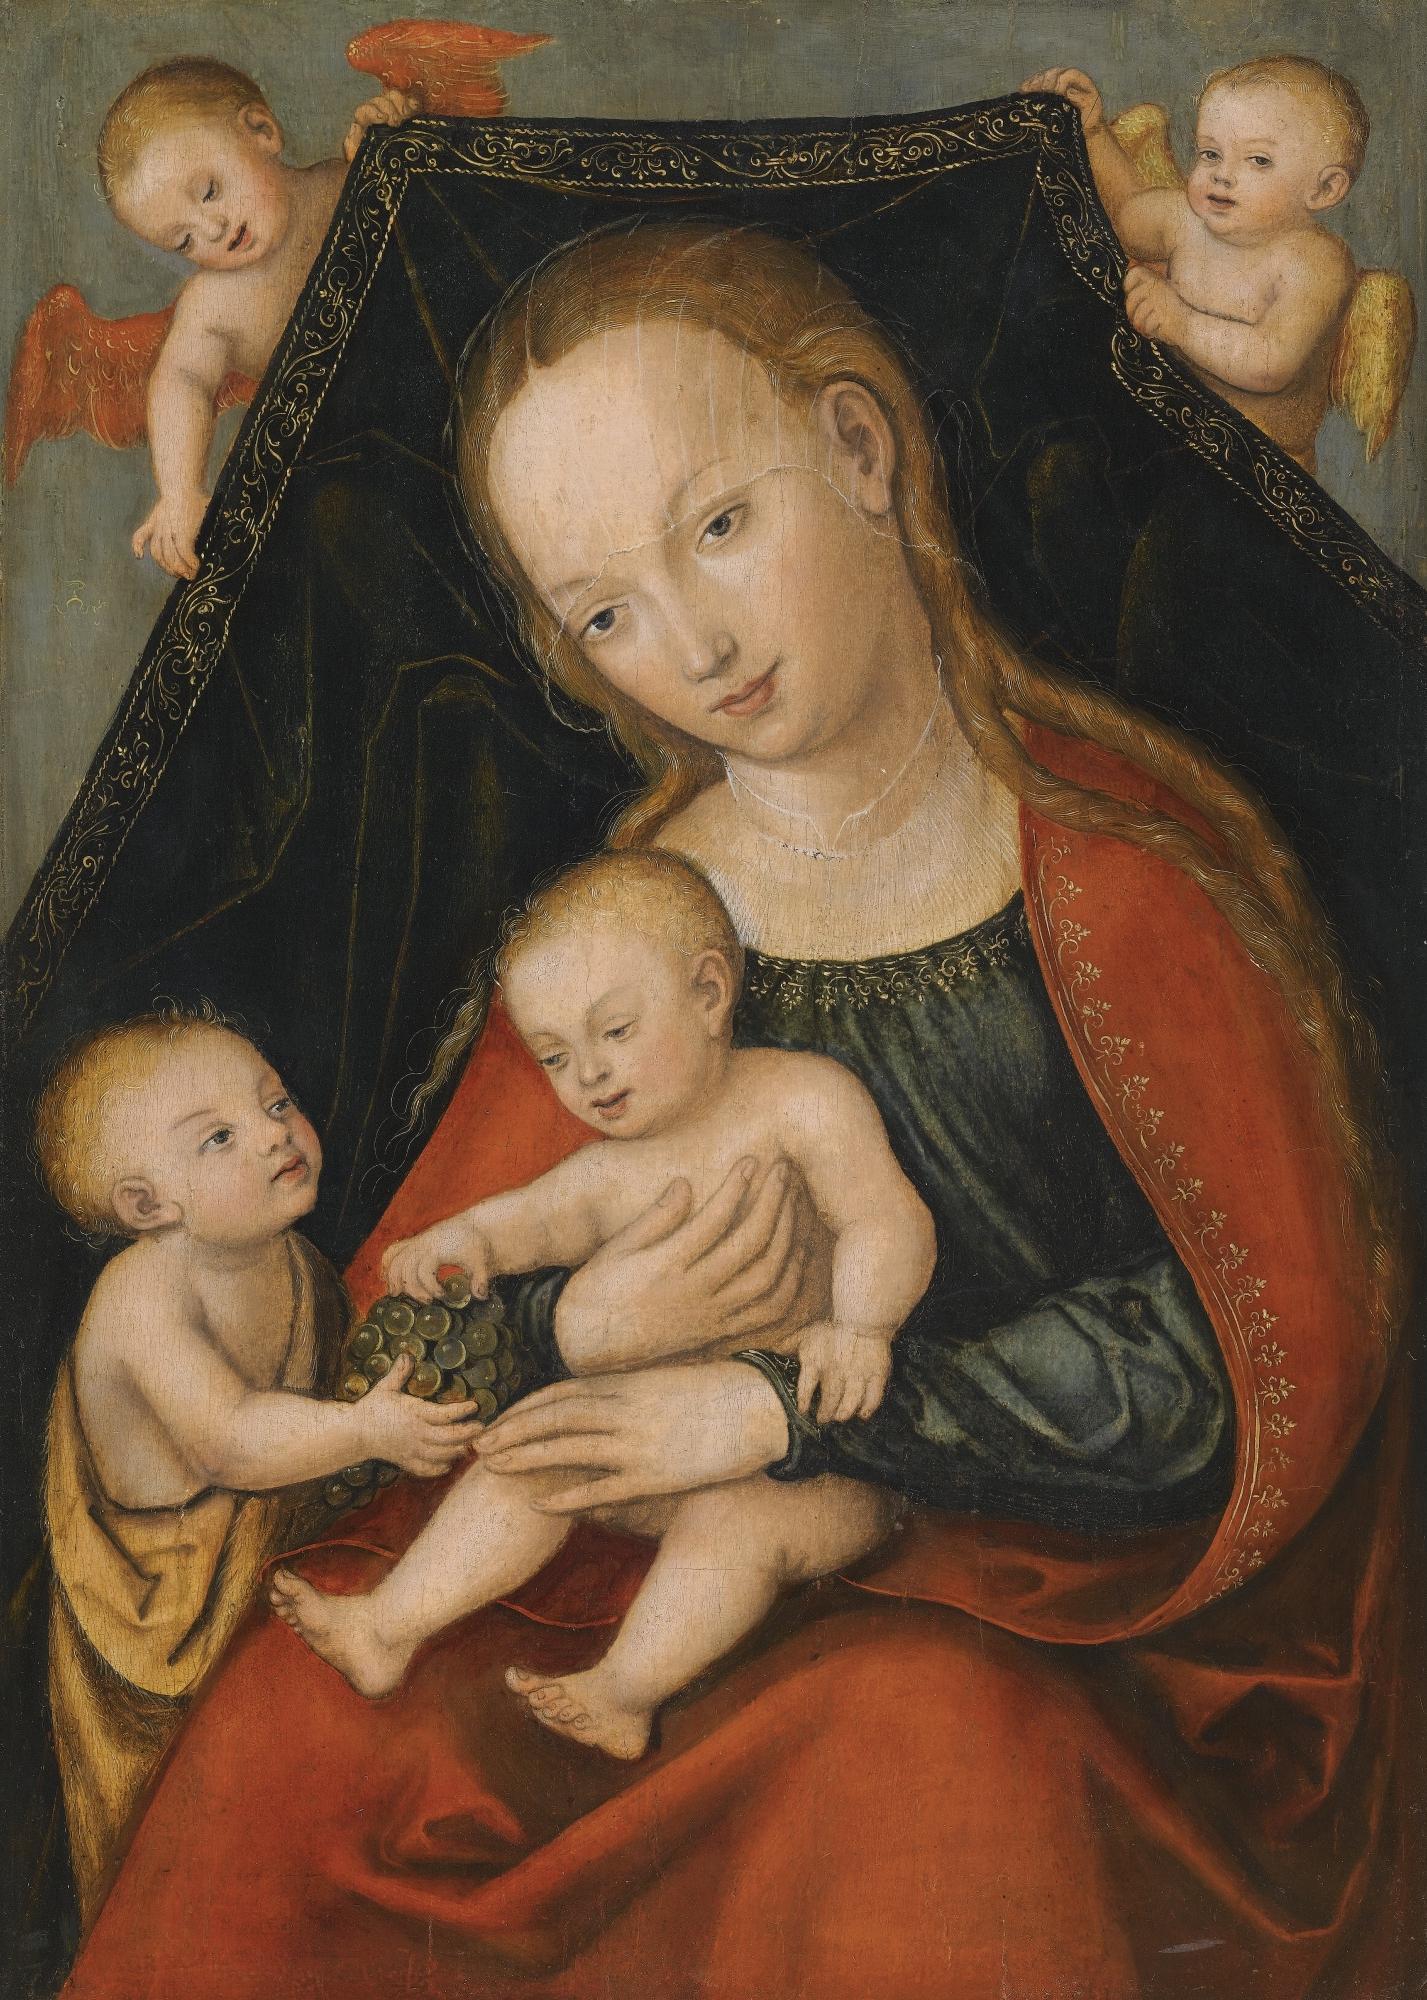 Jonas Krikstytojas. Madona su Kūdikėliu Jėzumi, Jonu Krikštytoju ir dviem angelais. Lukas Kranachas Vyresnysis (1472-1553).  Madonna_mit_dem_Jesuskind,_Johannes_dem_Täufer_und_zwei_Engeln